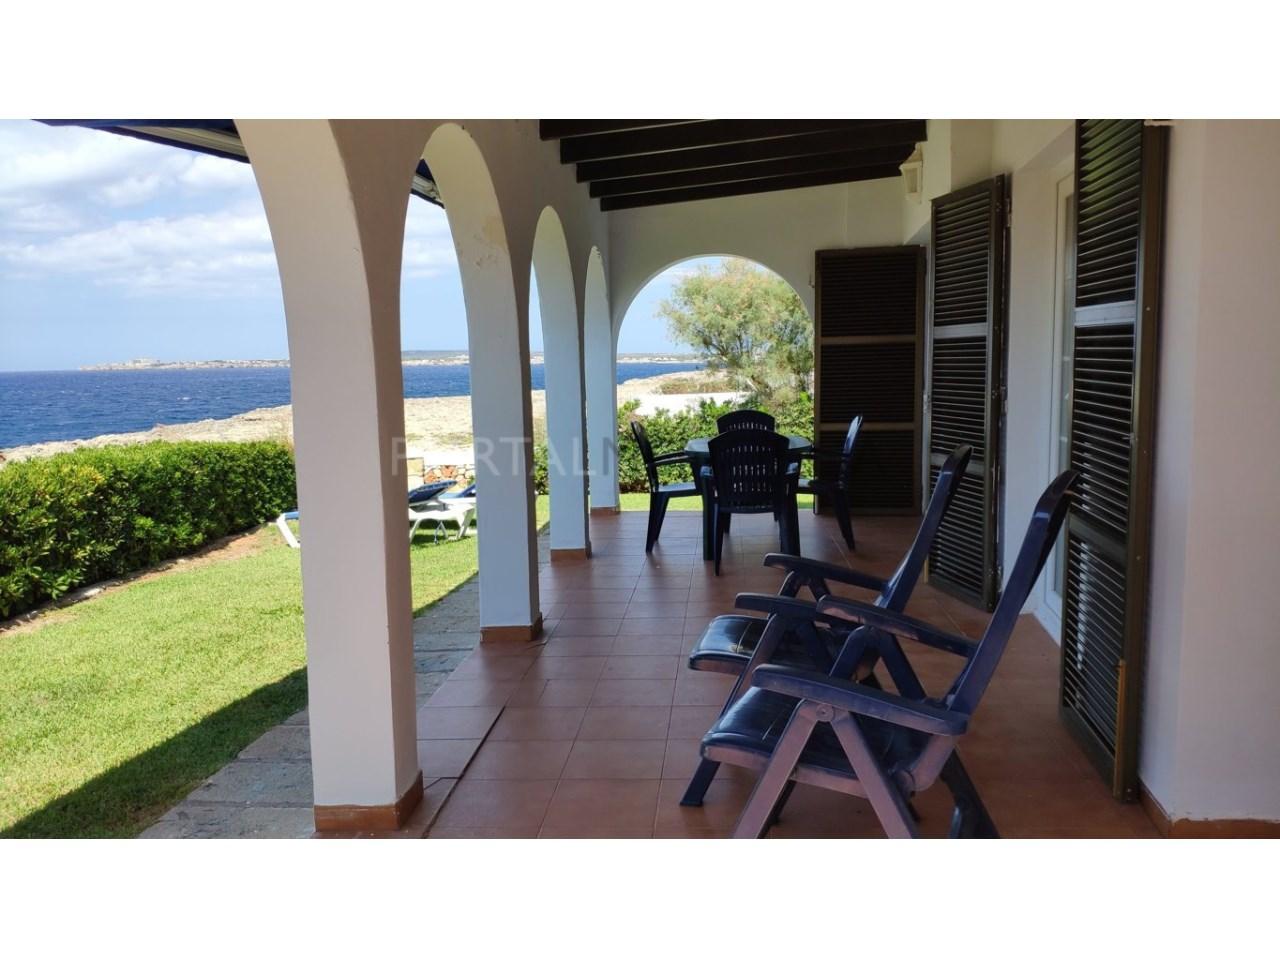 Chalet en venta en Cala Blanca Ciutadella -terraza